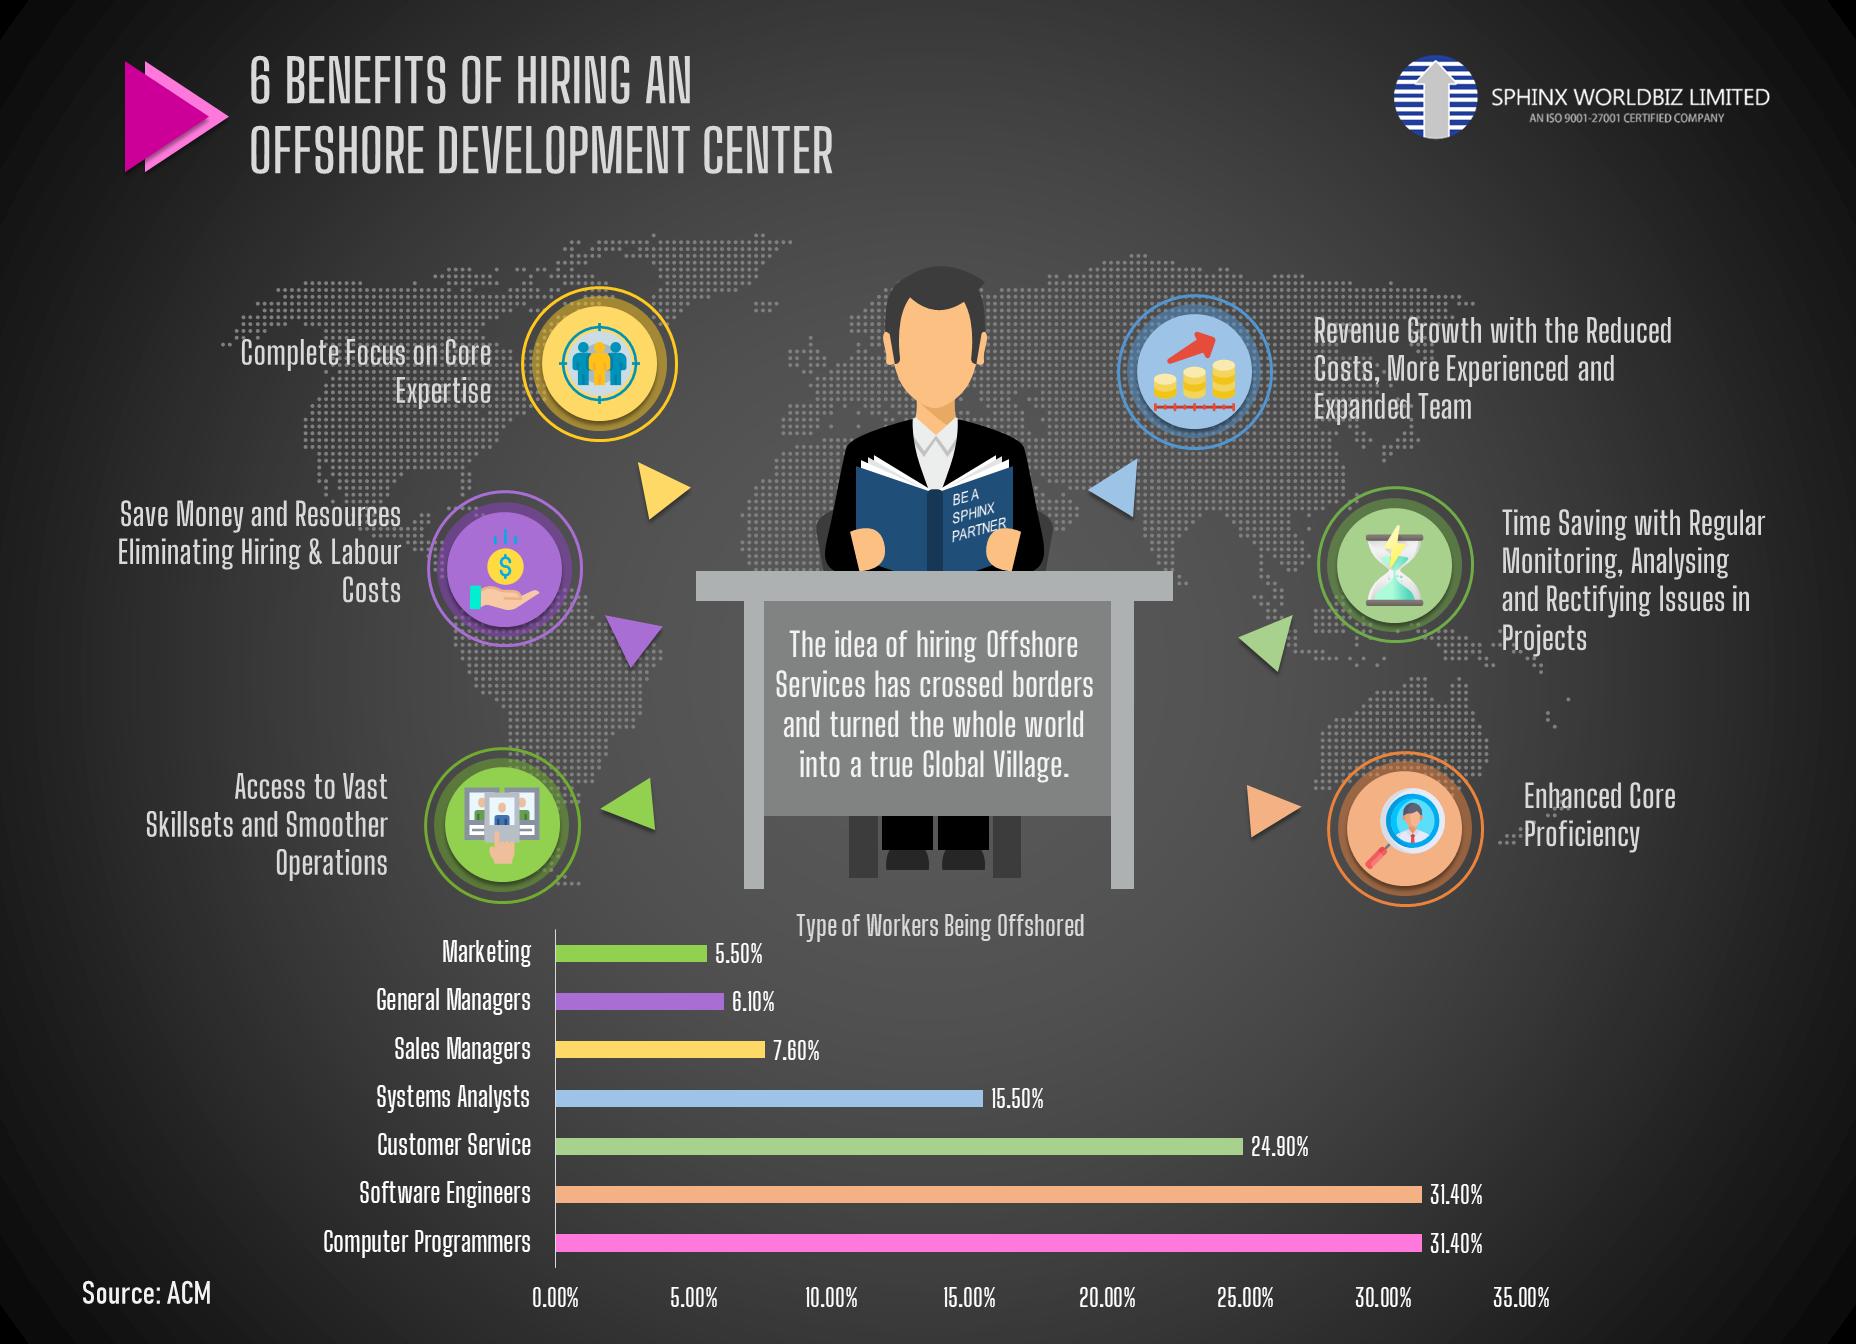 6 Benefits of Hiring